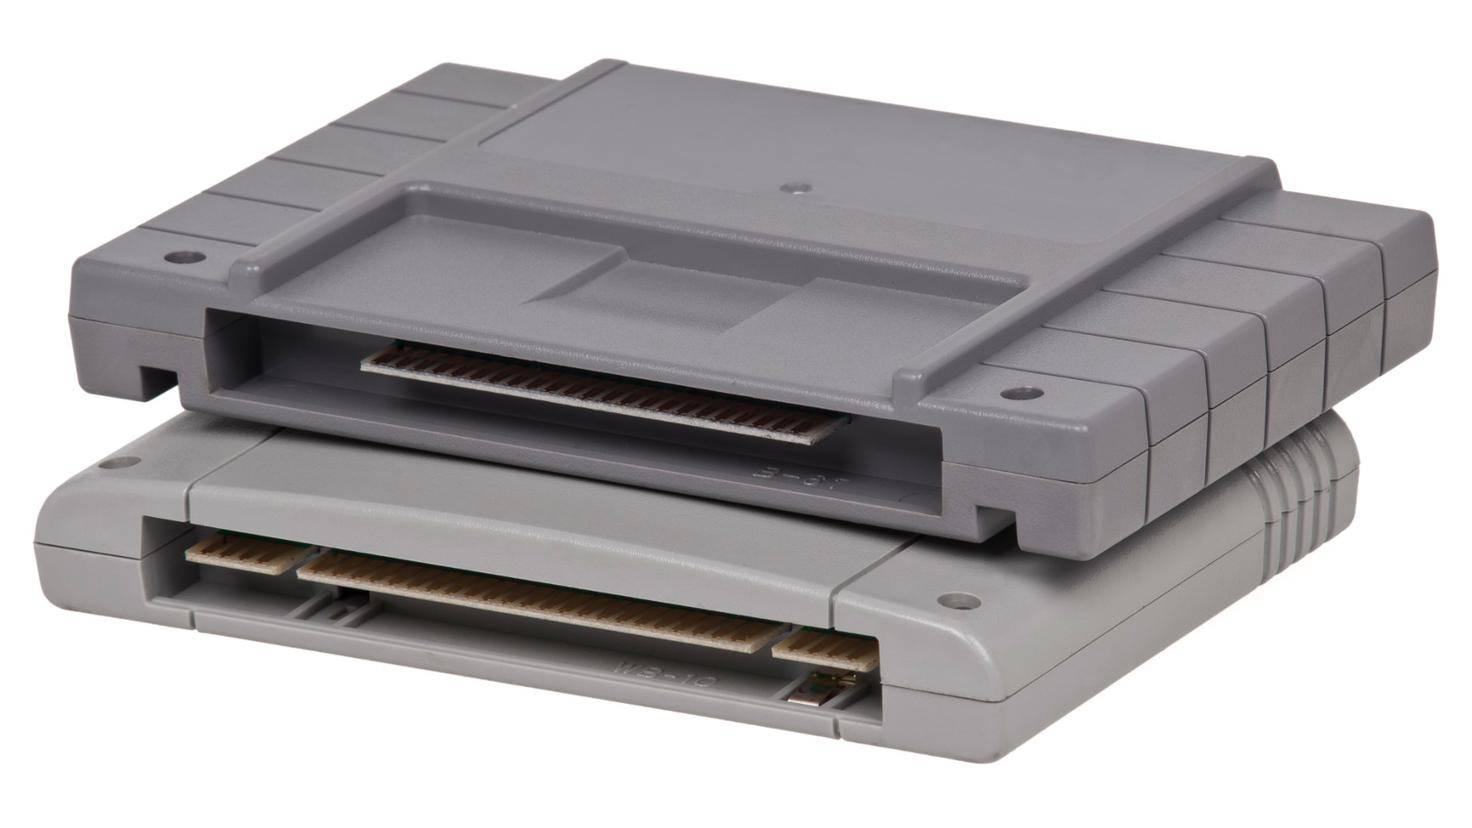 Eckiger als eine DVD, trotzdem eine runde Sache: Spielemodule (hier für das SNES).